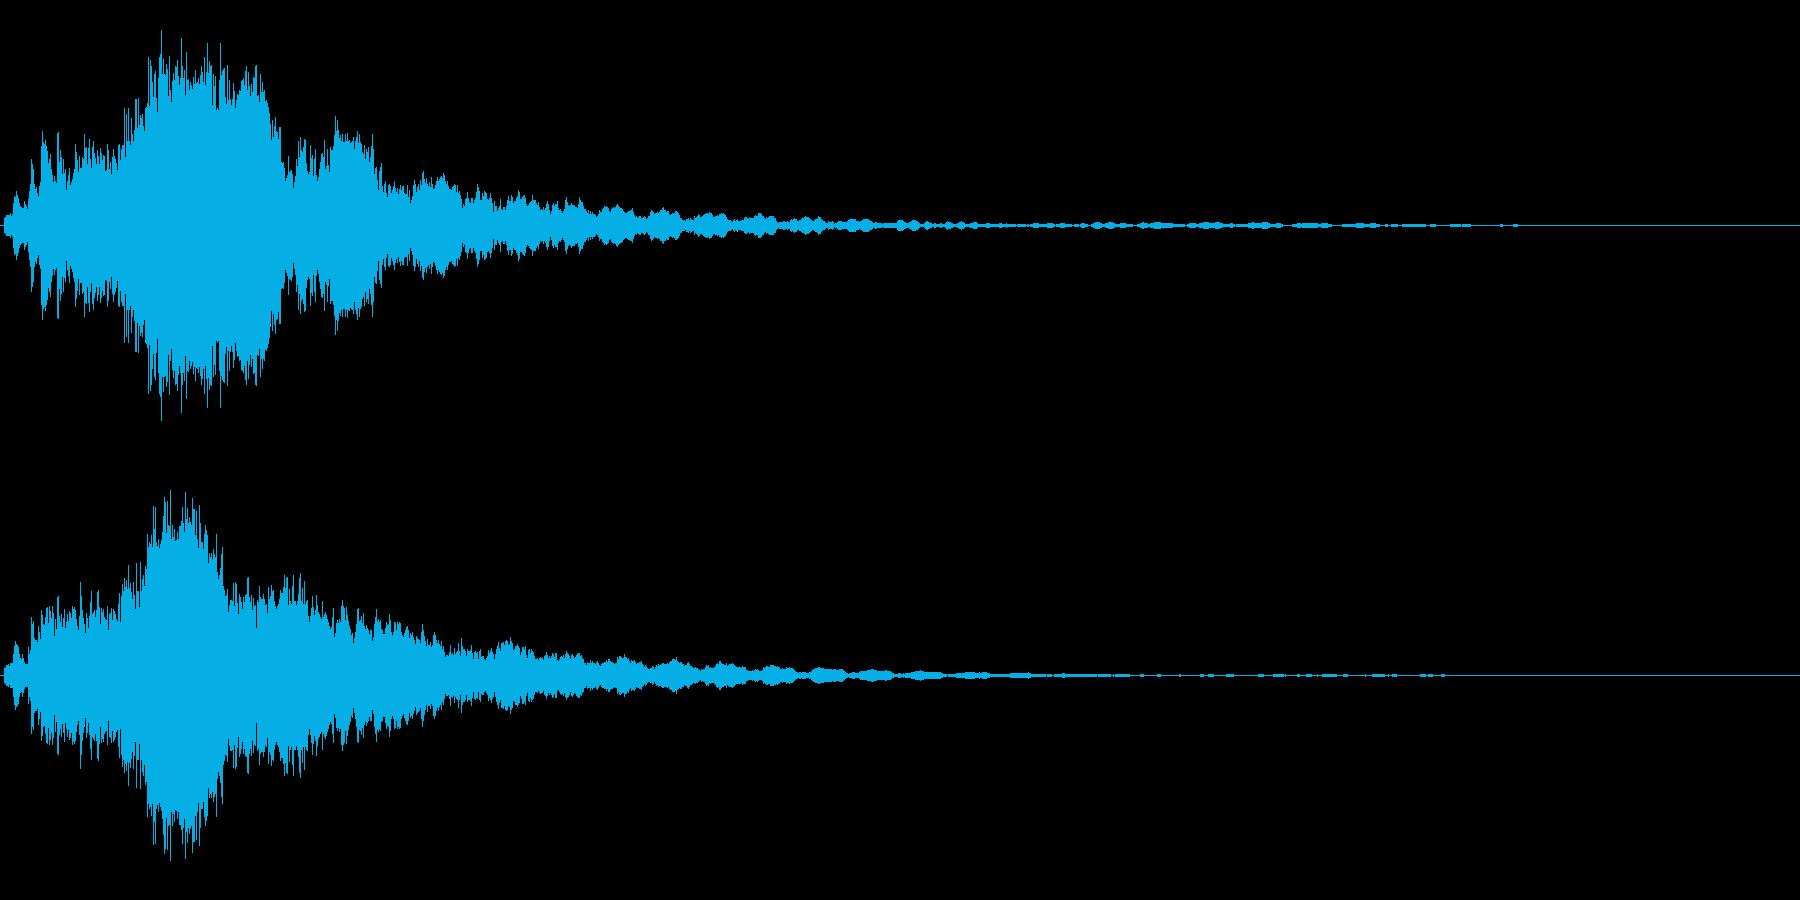 キラキラ☆ピキーン!(星の輝きや魔法)2の再生済みの波形